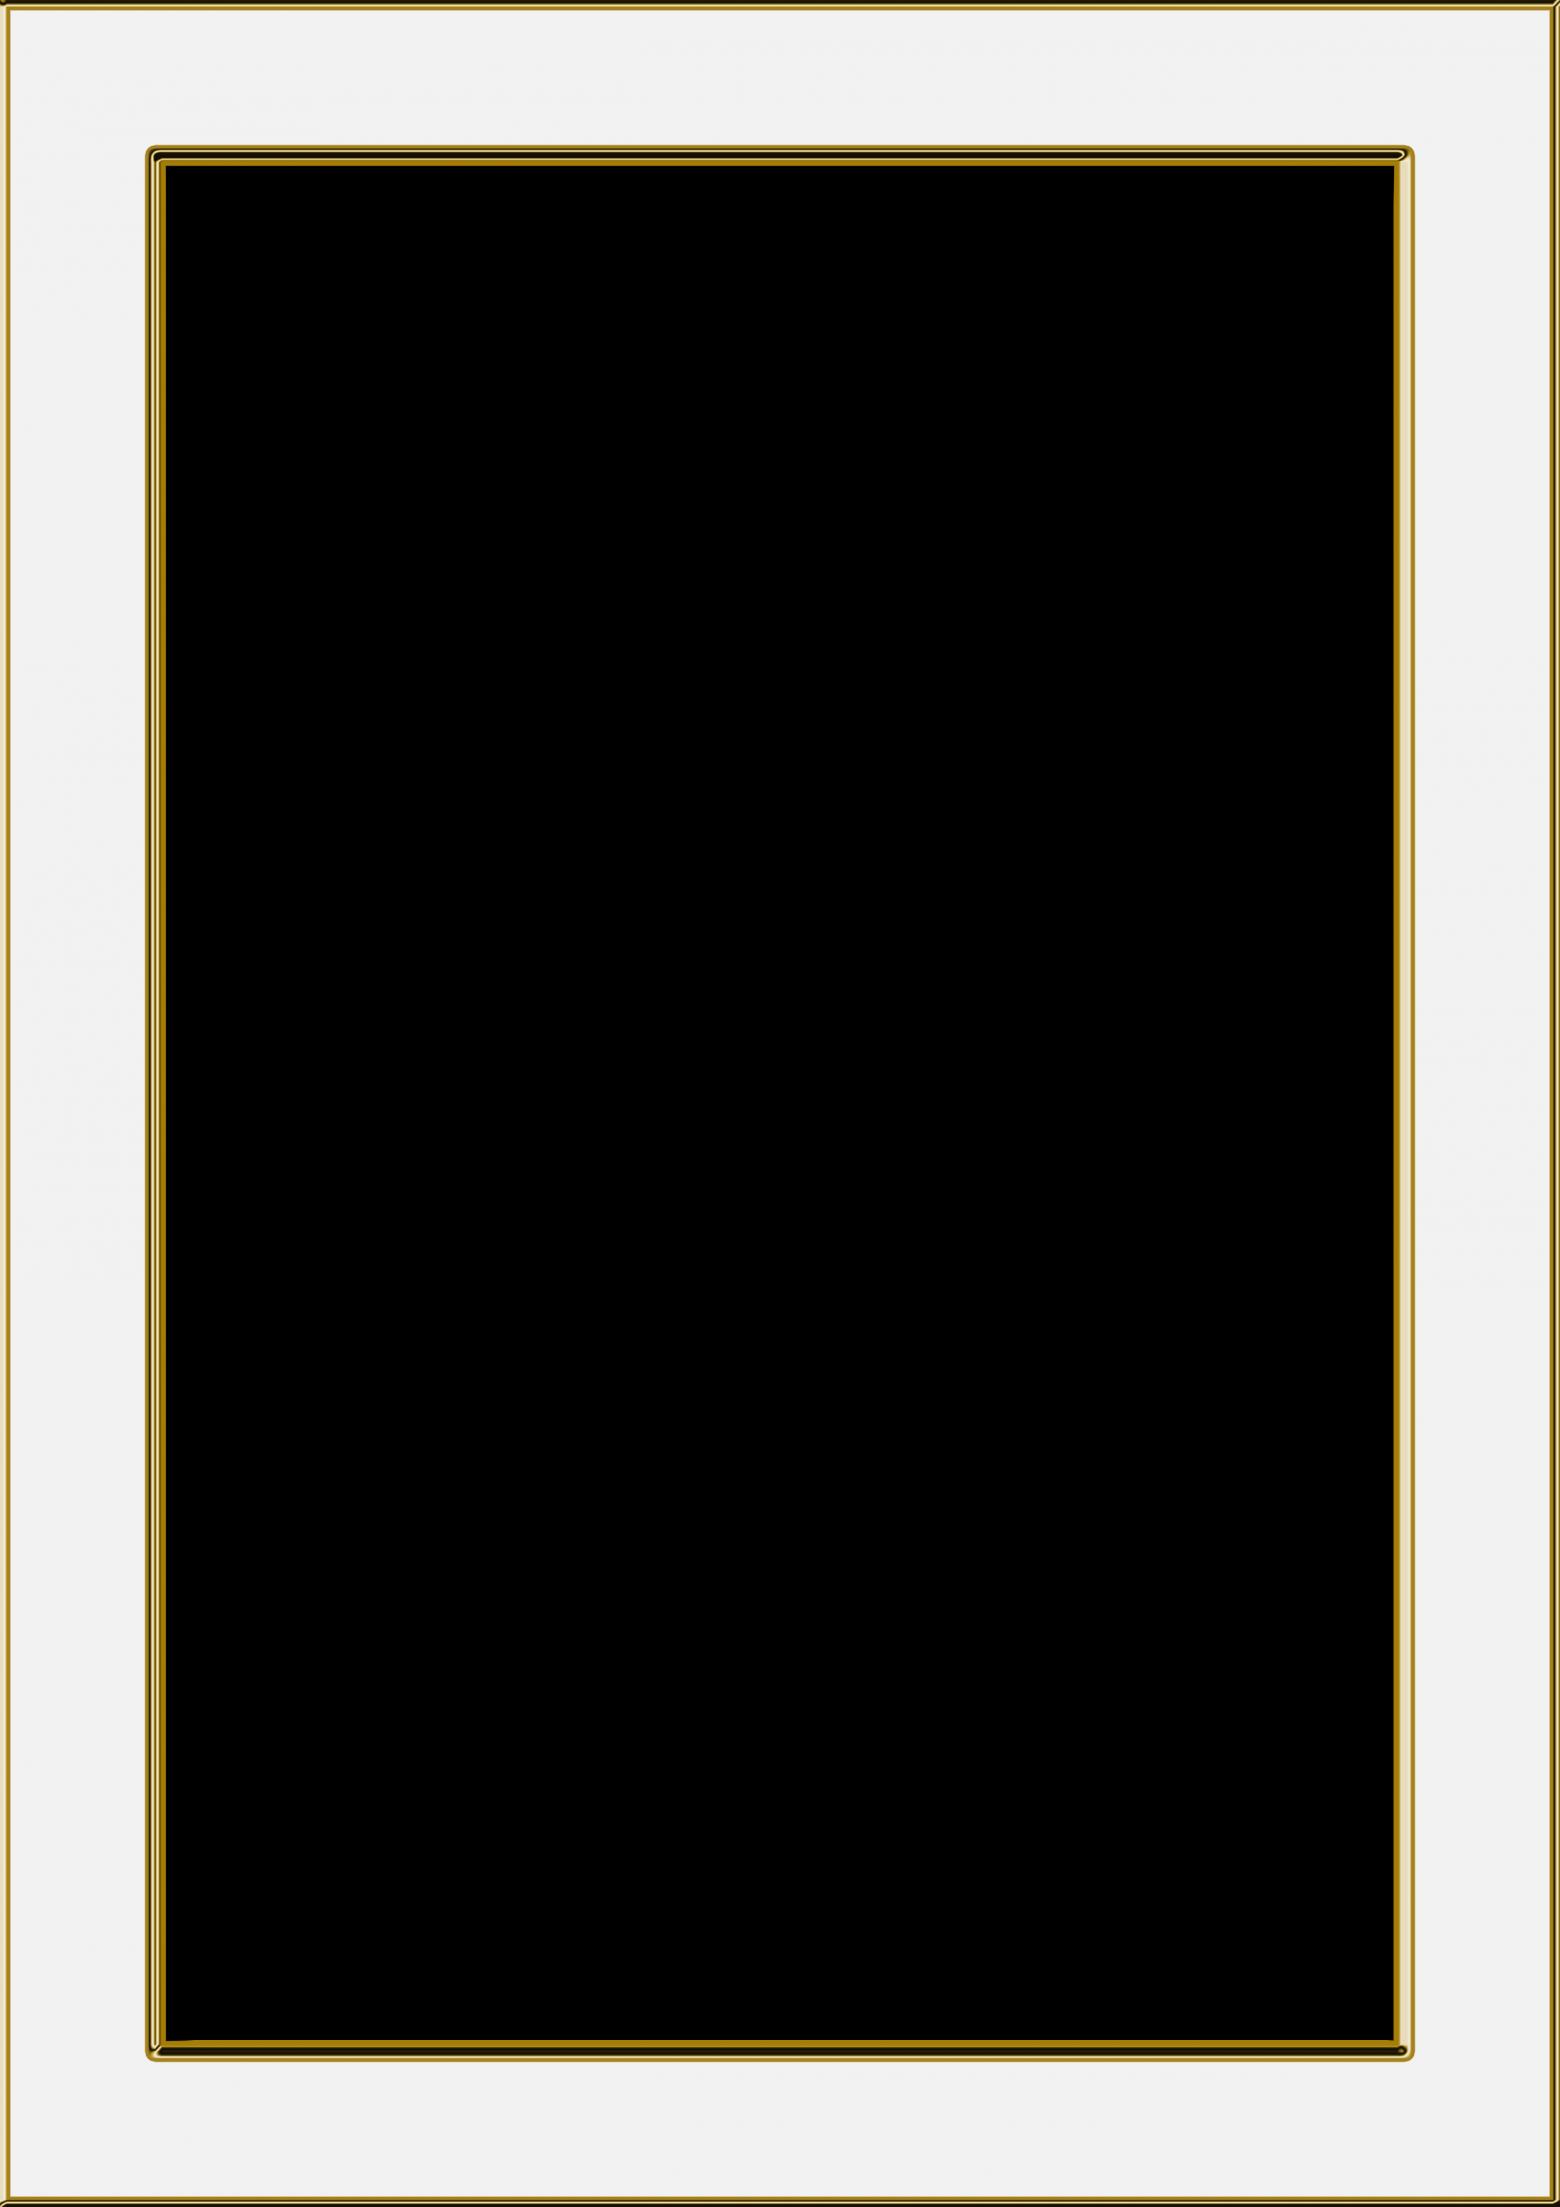 frame-2482179